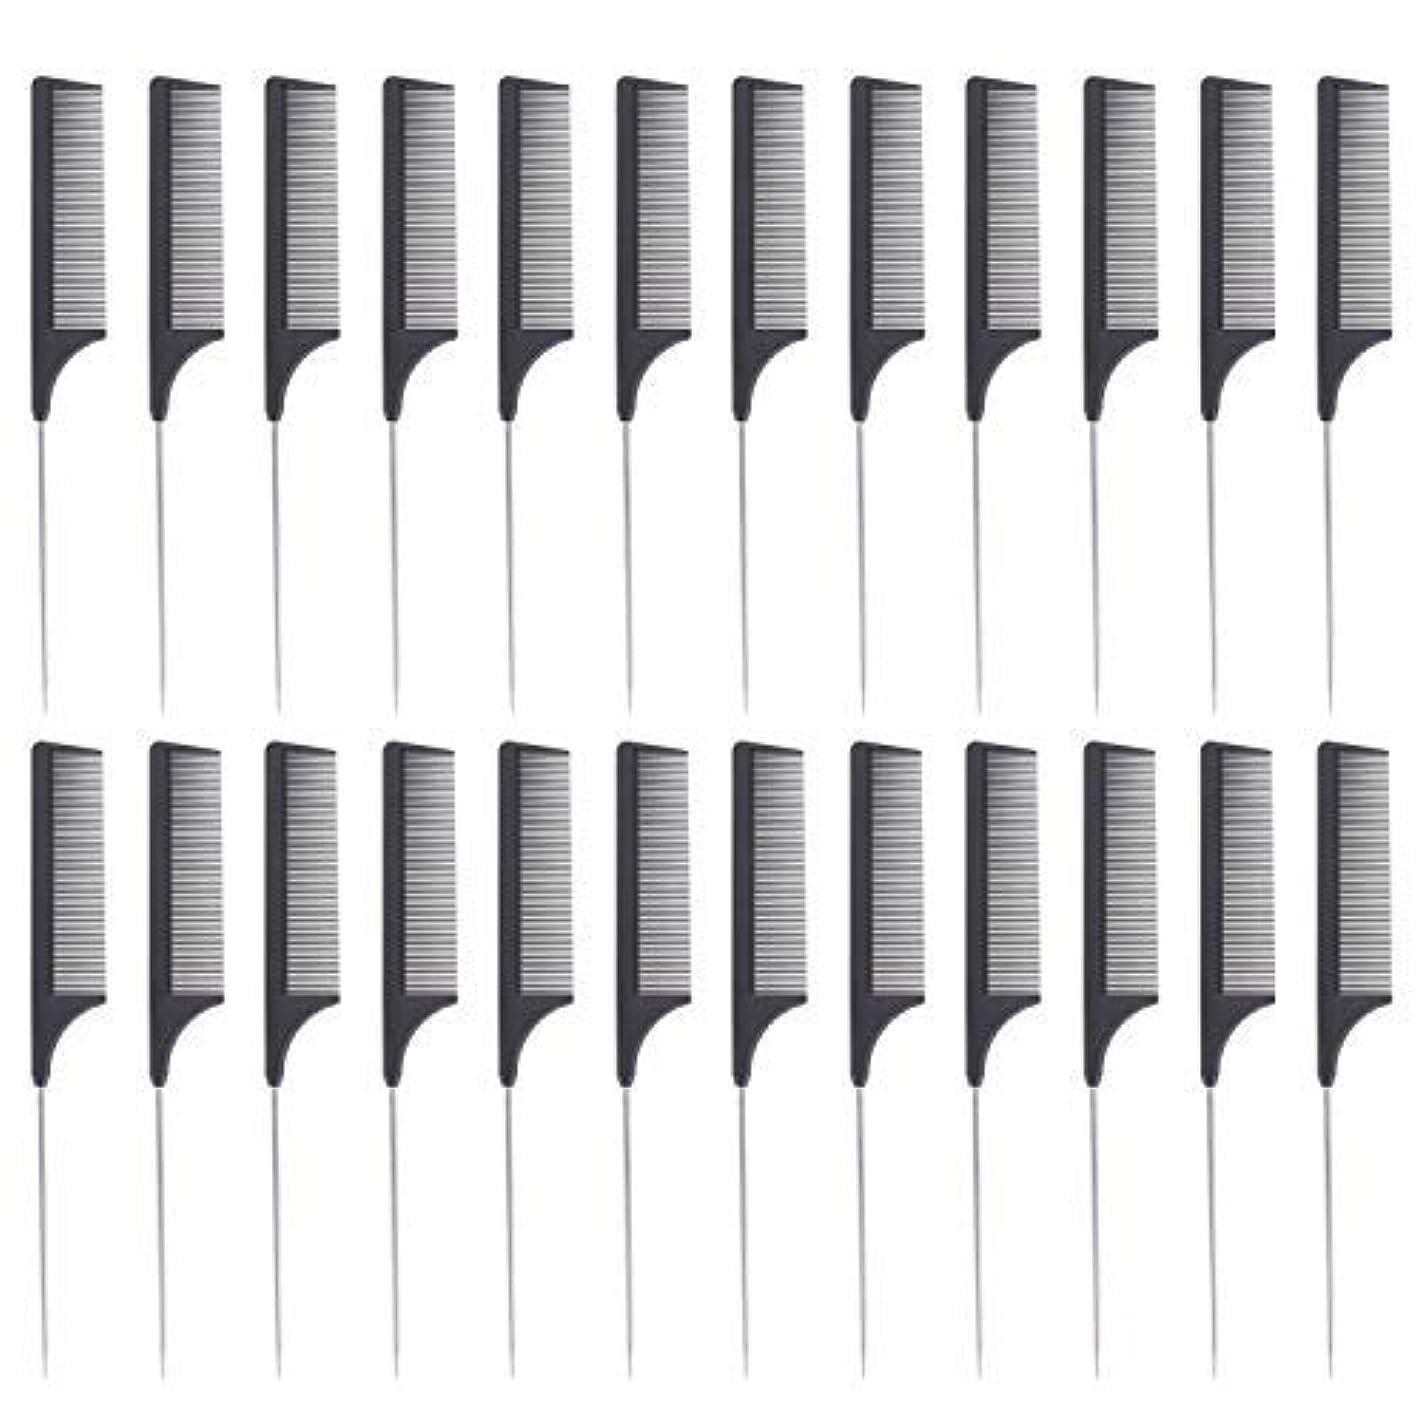 水っぽい病院ルビー24 Pieces Comb Black Tail Styling Comb Chemical Heat Resistant Teasing Comb Carbon Fiber Hair Styling Combs for...